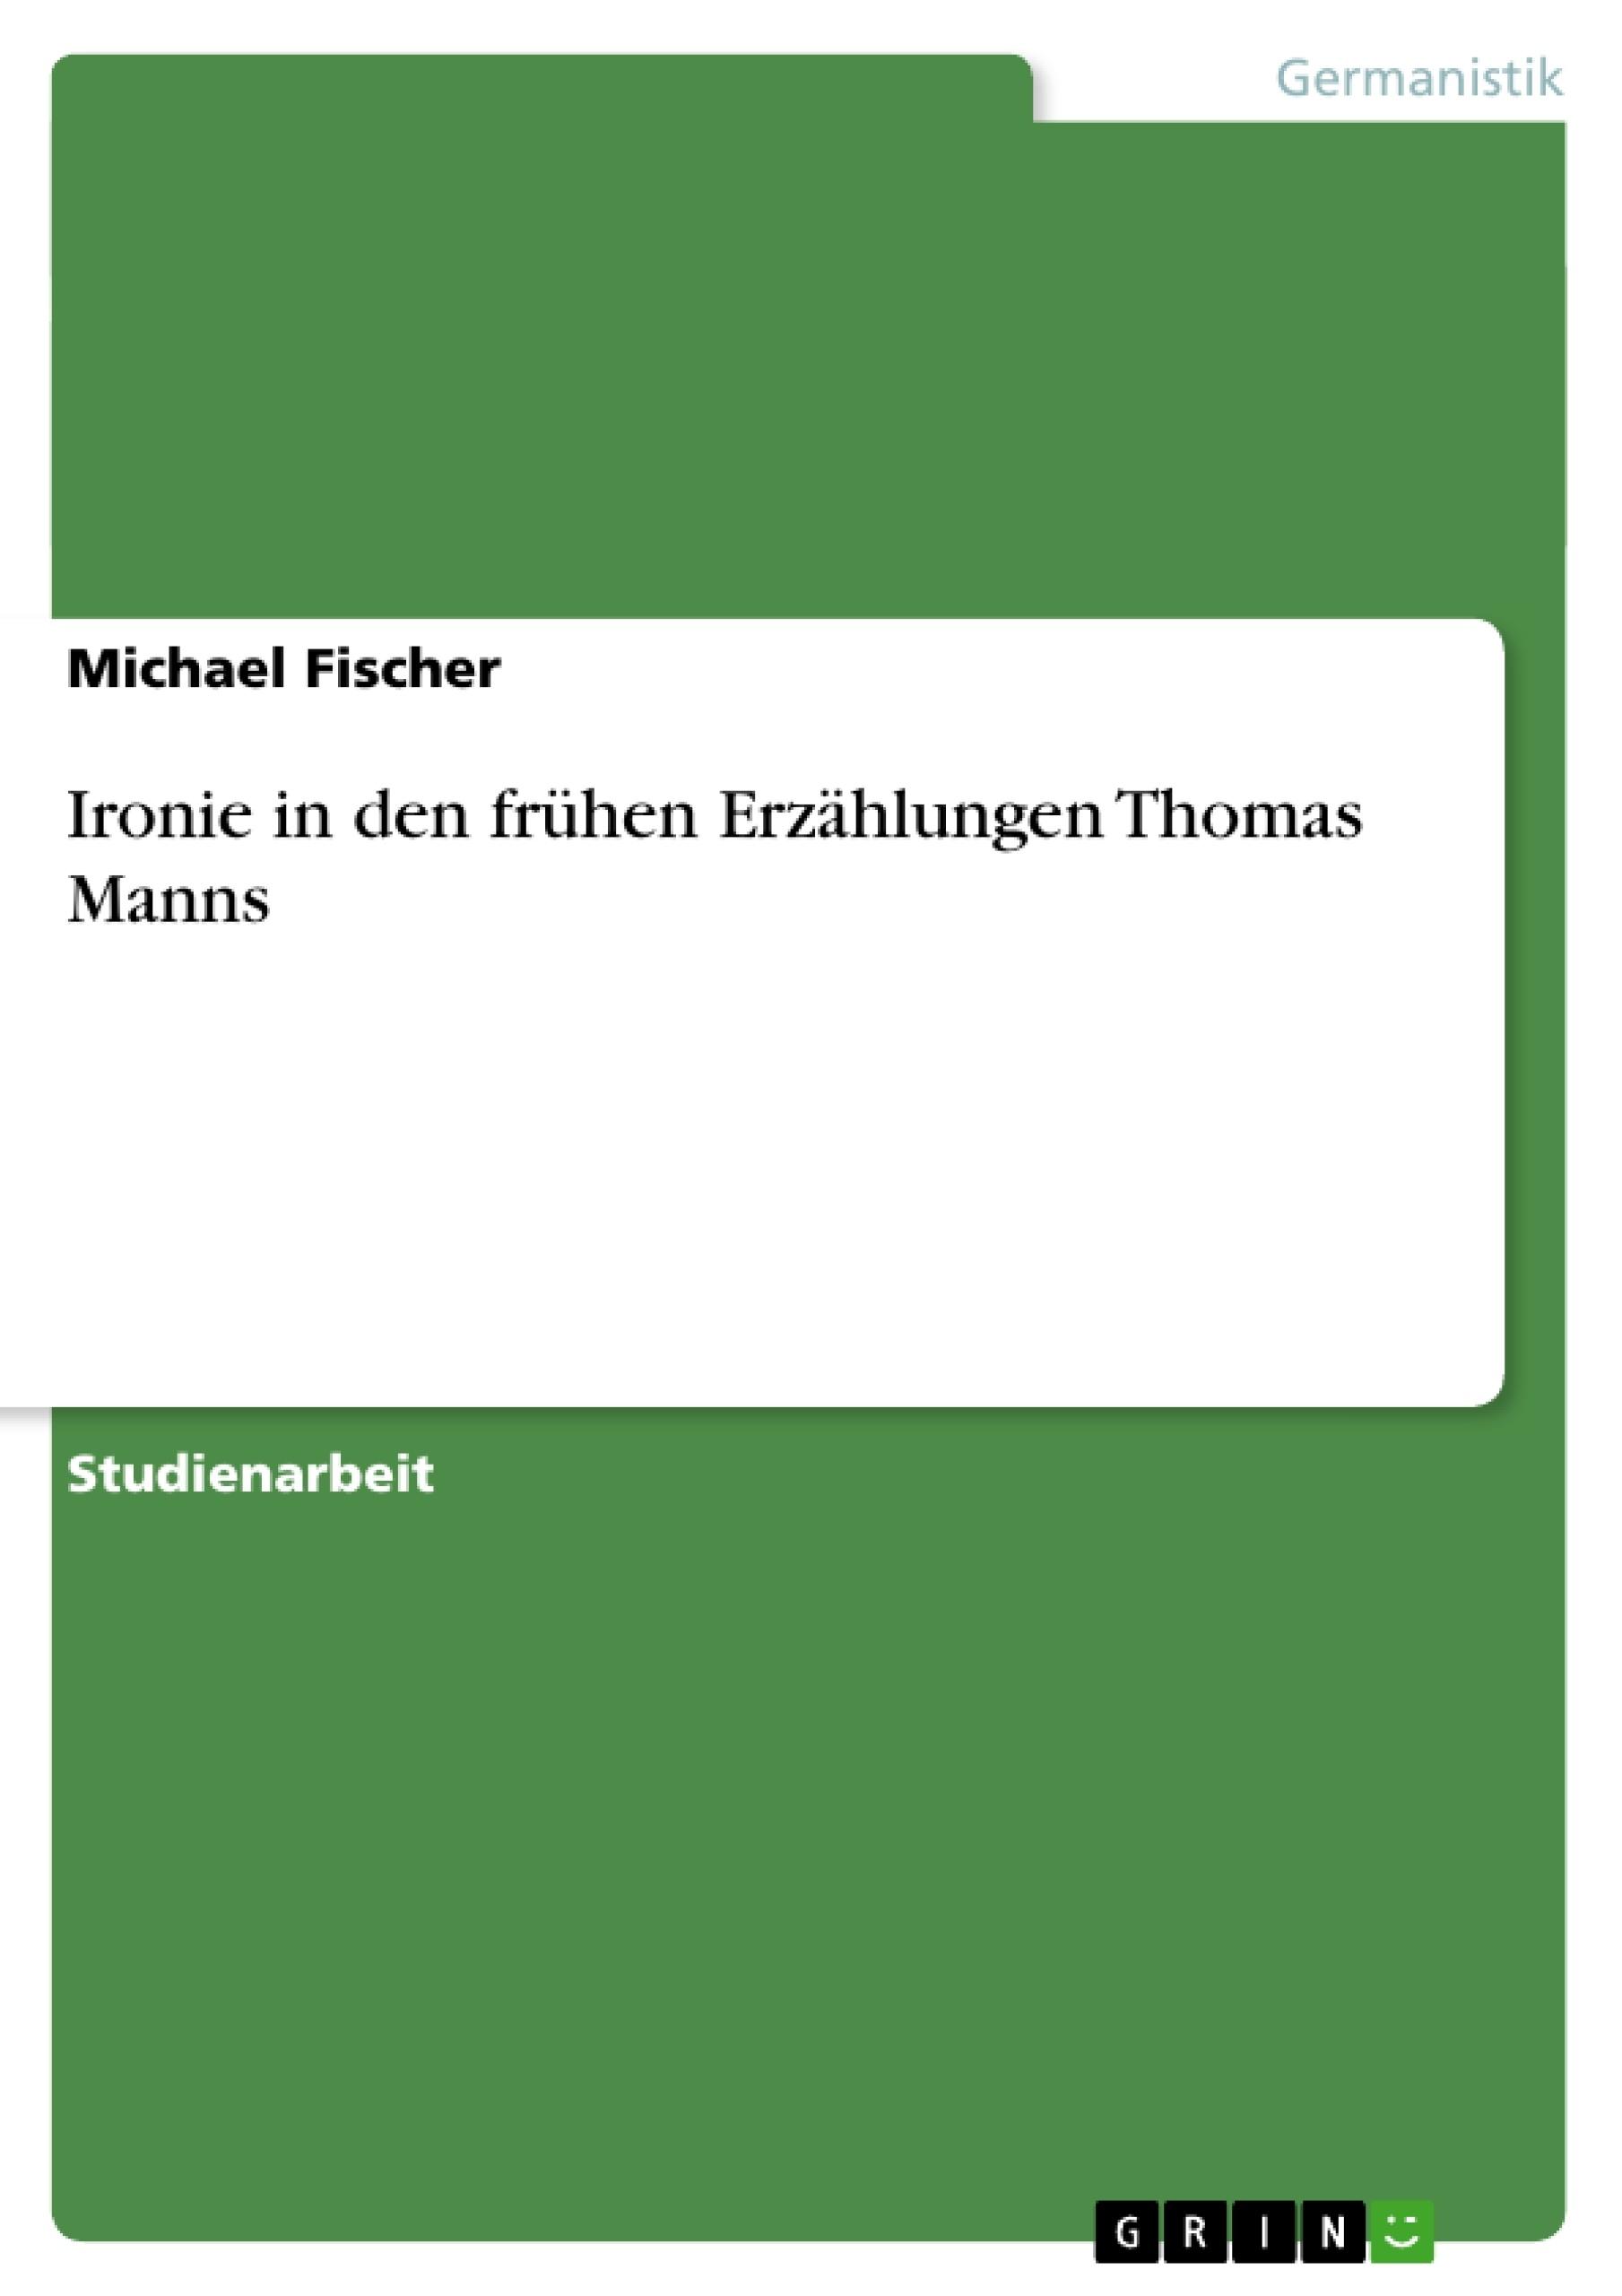 Titel: Ironie in den frühen Erzählungen Thomas Manns